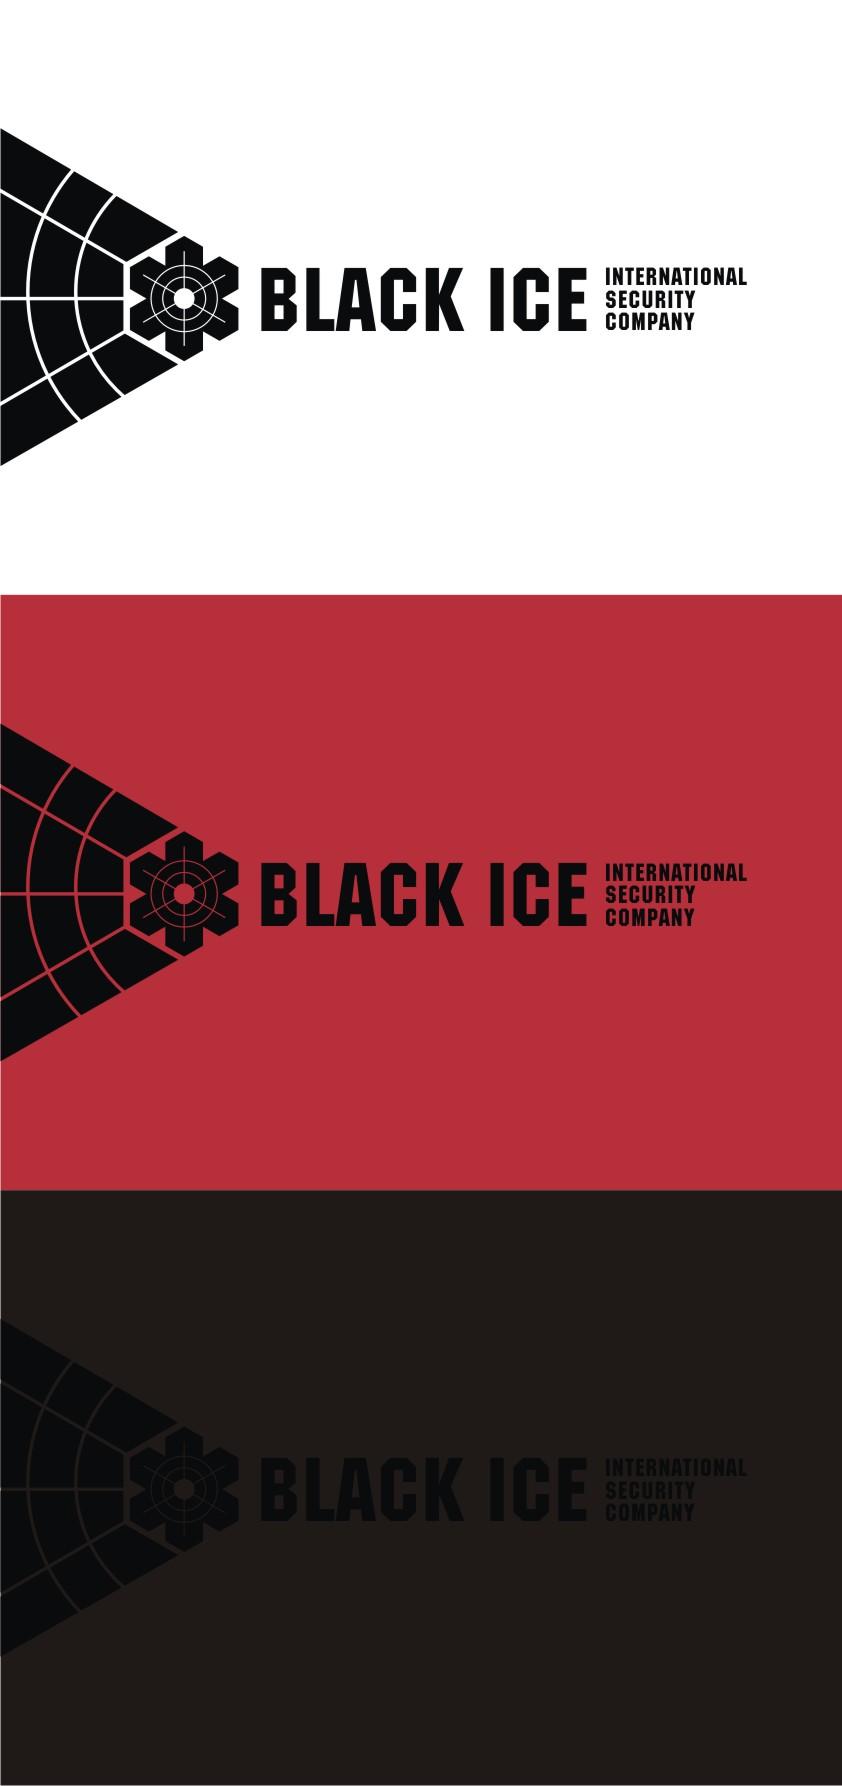 """Логотип + Фирменный стиль для компании """"BLACK ICE"""" фото f_934571220fec4f08.jpg"""